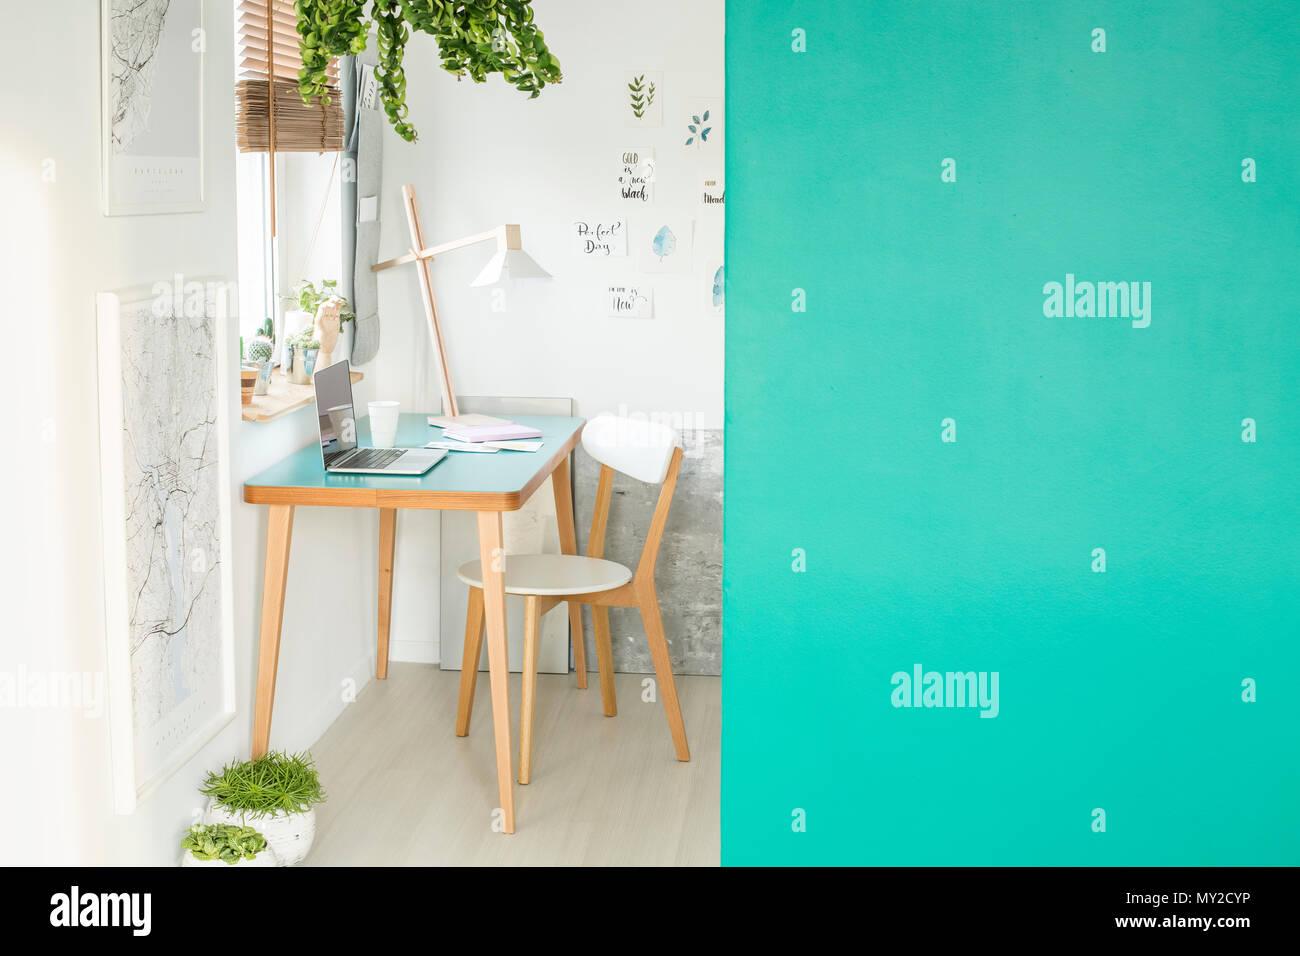 Verde con pared vacía para colocar su producto en blanco el espacio abierto interior con una laptop en un escritorio de madera, plantas frescas y artesanales de carteles en t Imagen De Stock